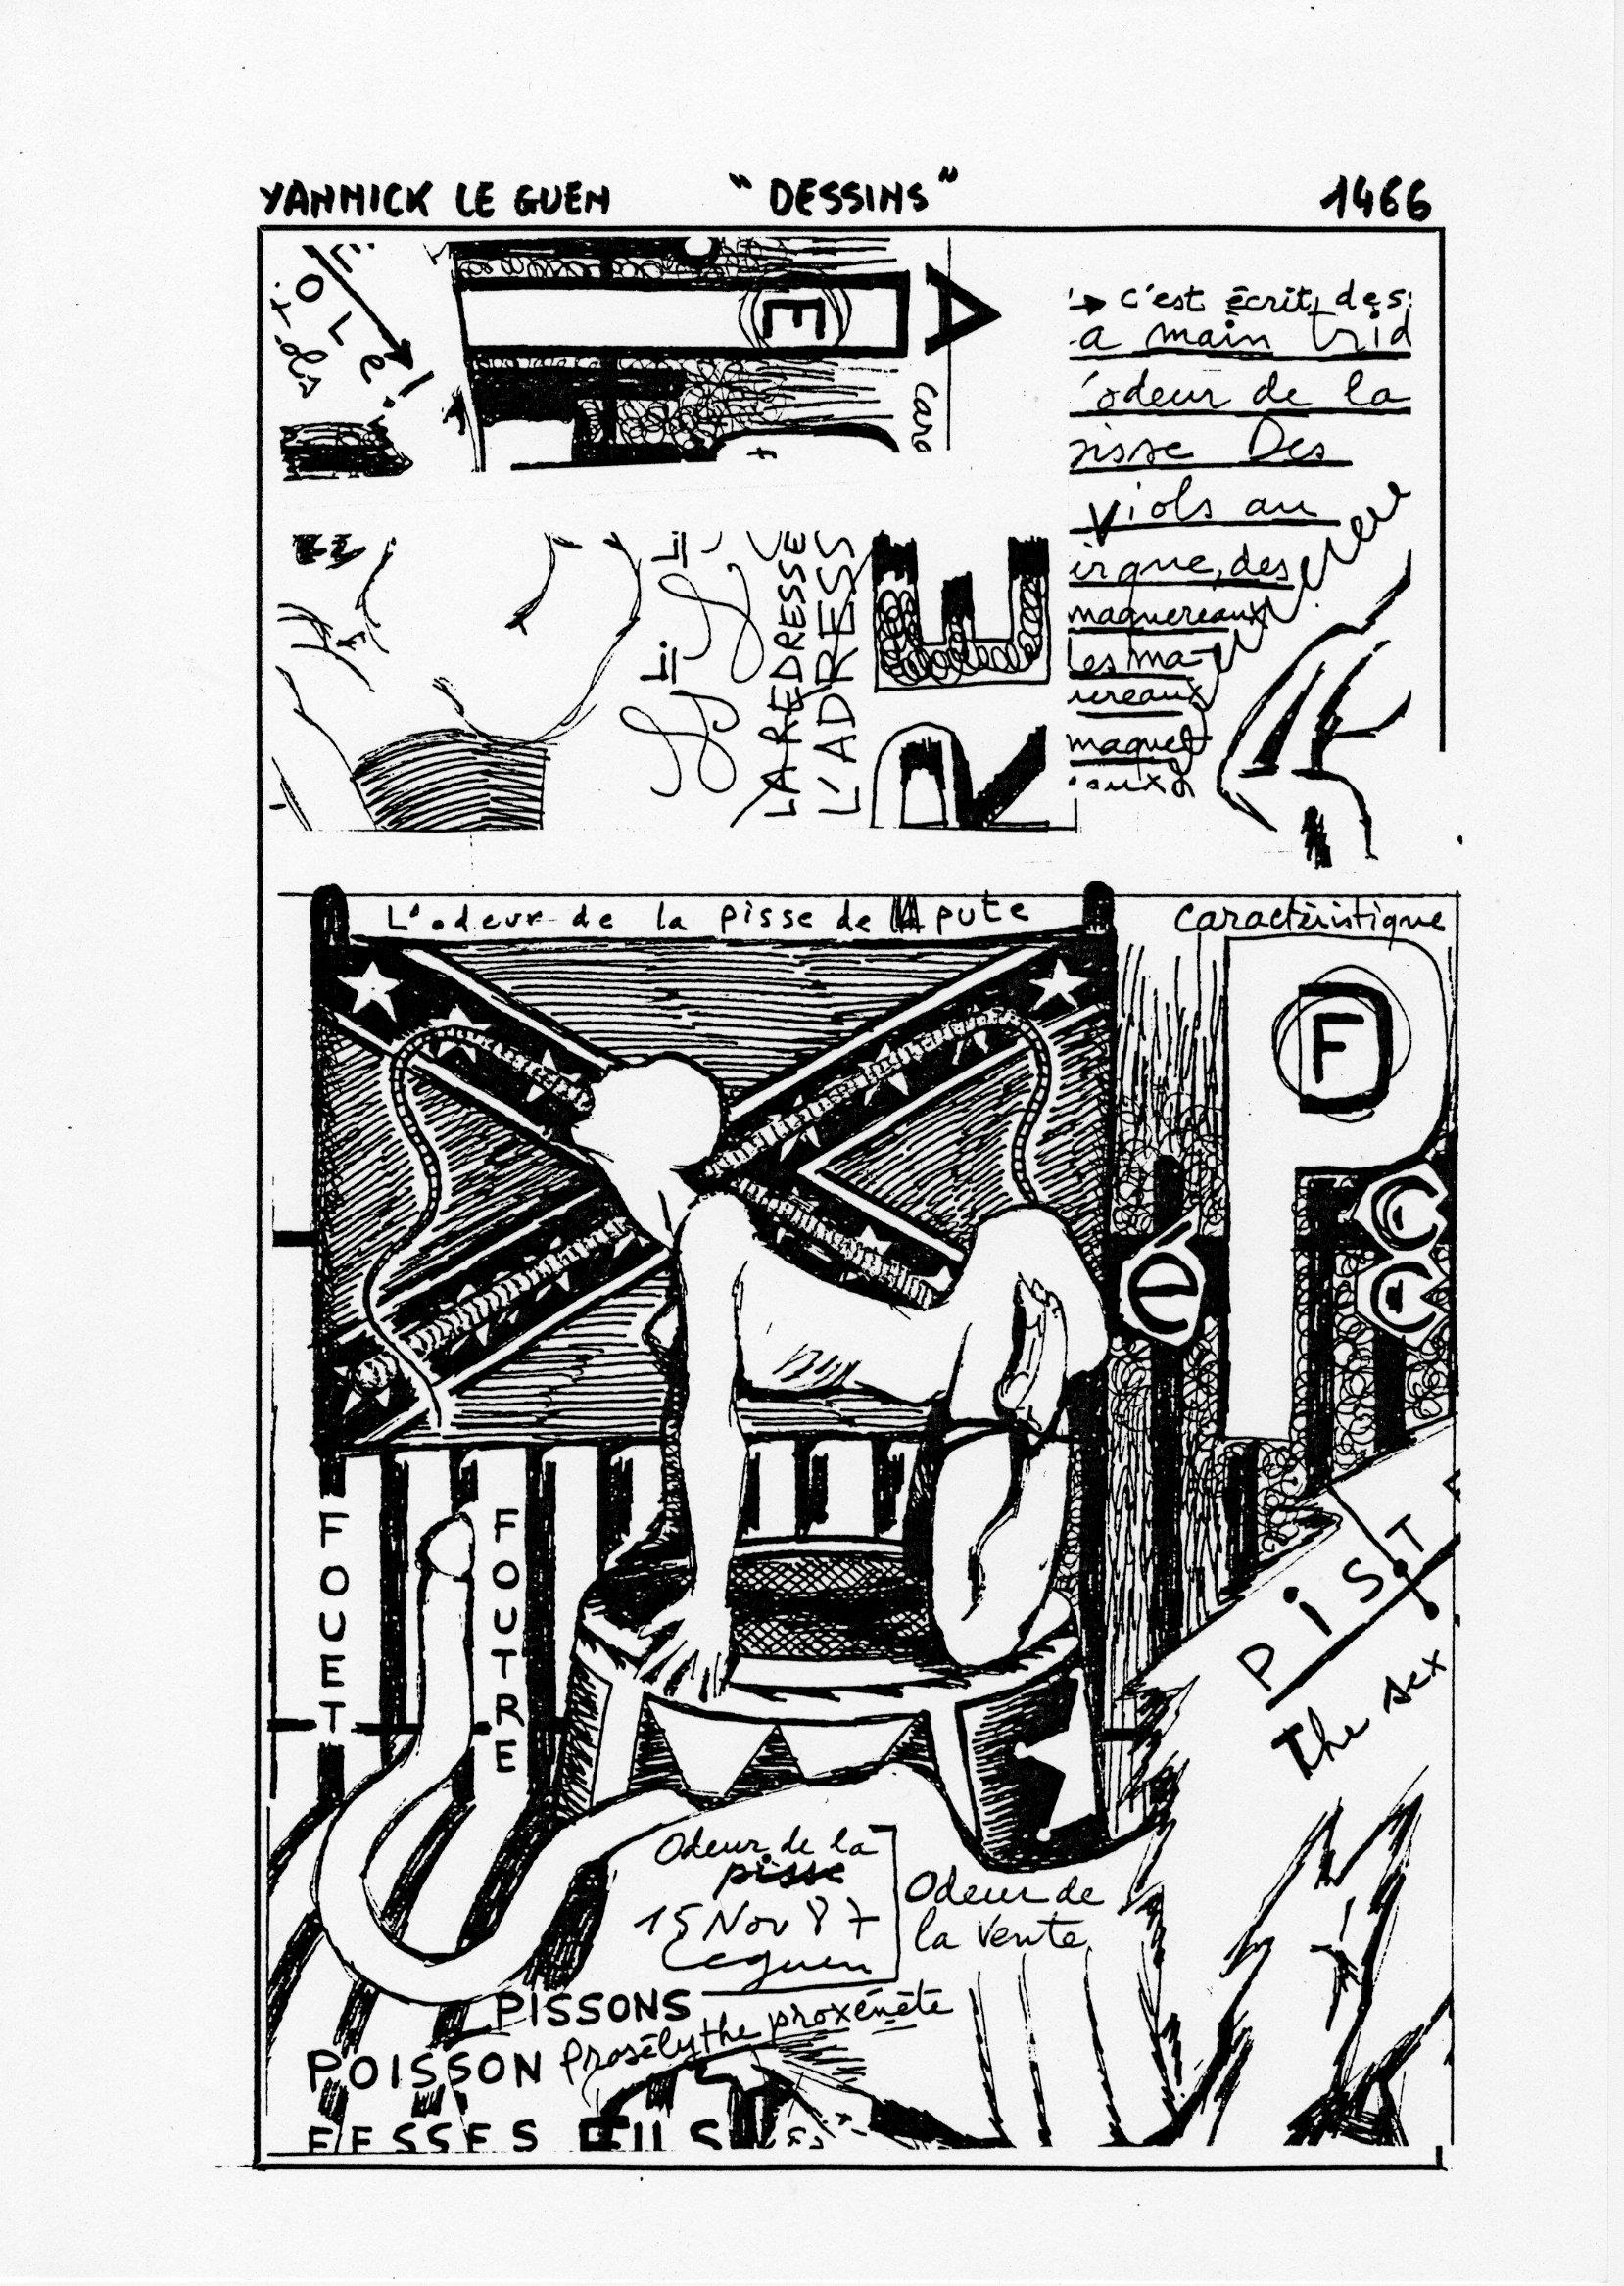 page 1466 Y. Leguen DESSINS